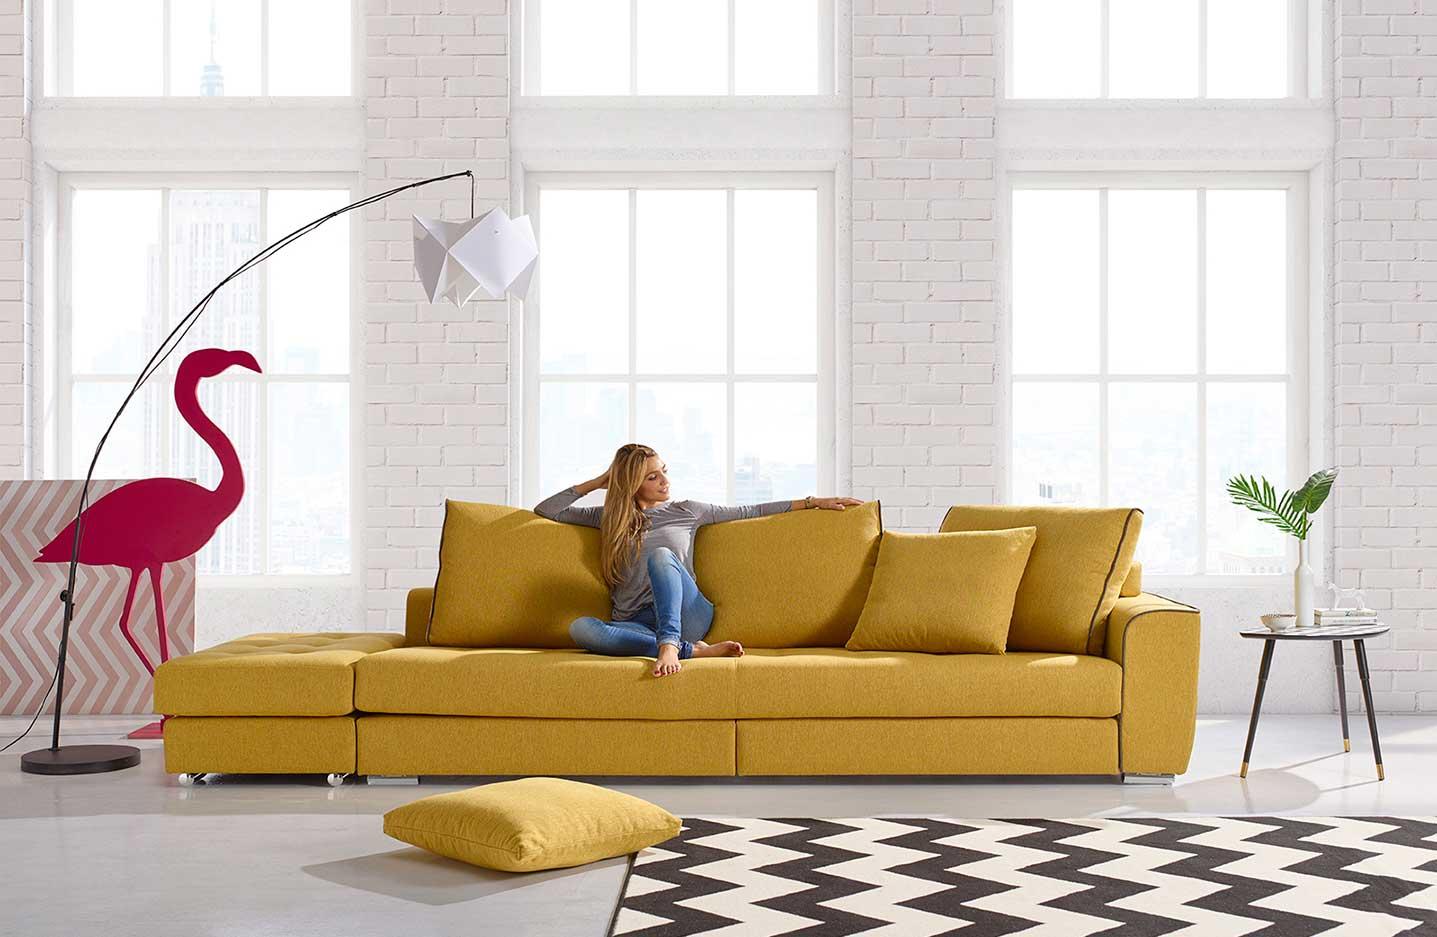 Descuento del 20% para la compra de tu nuevo sofá